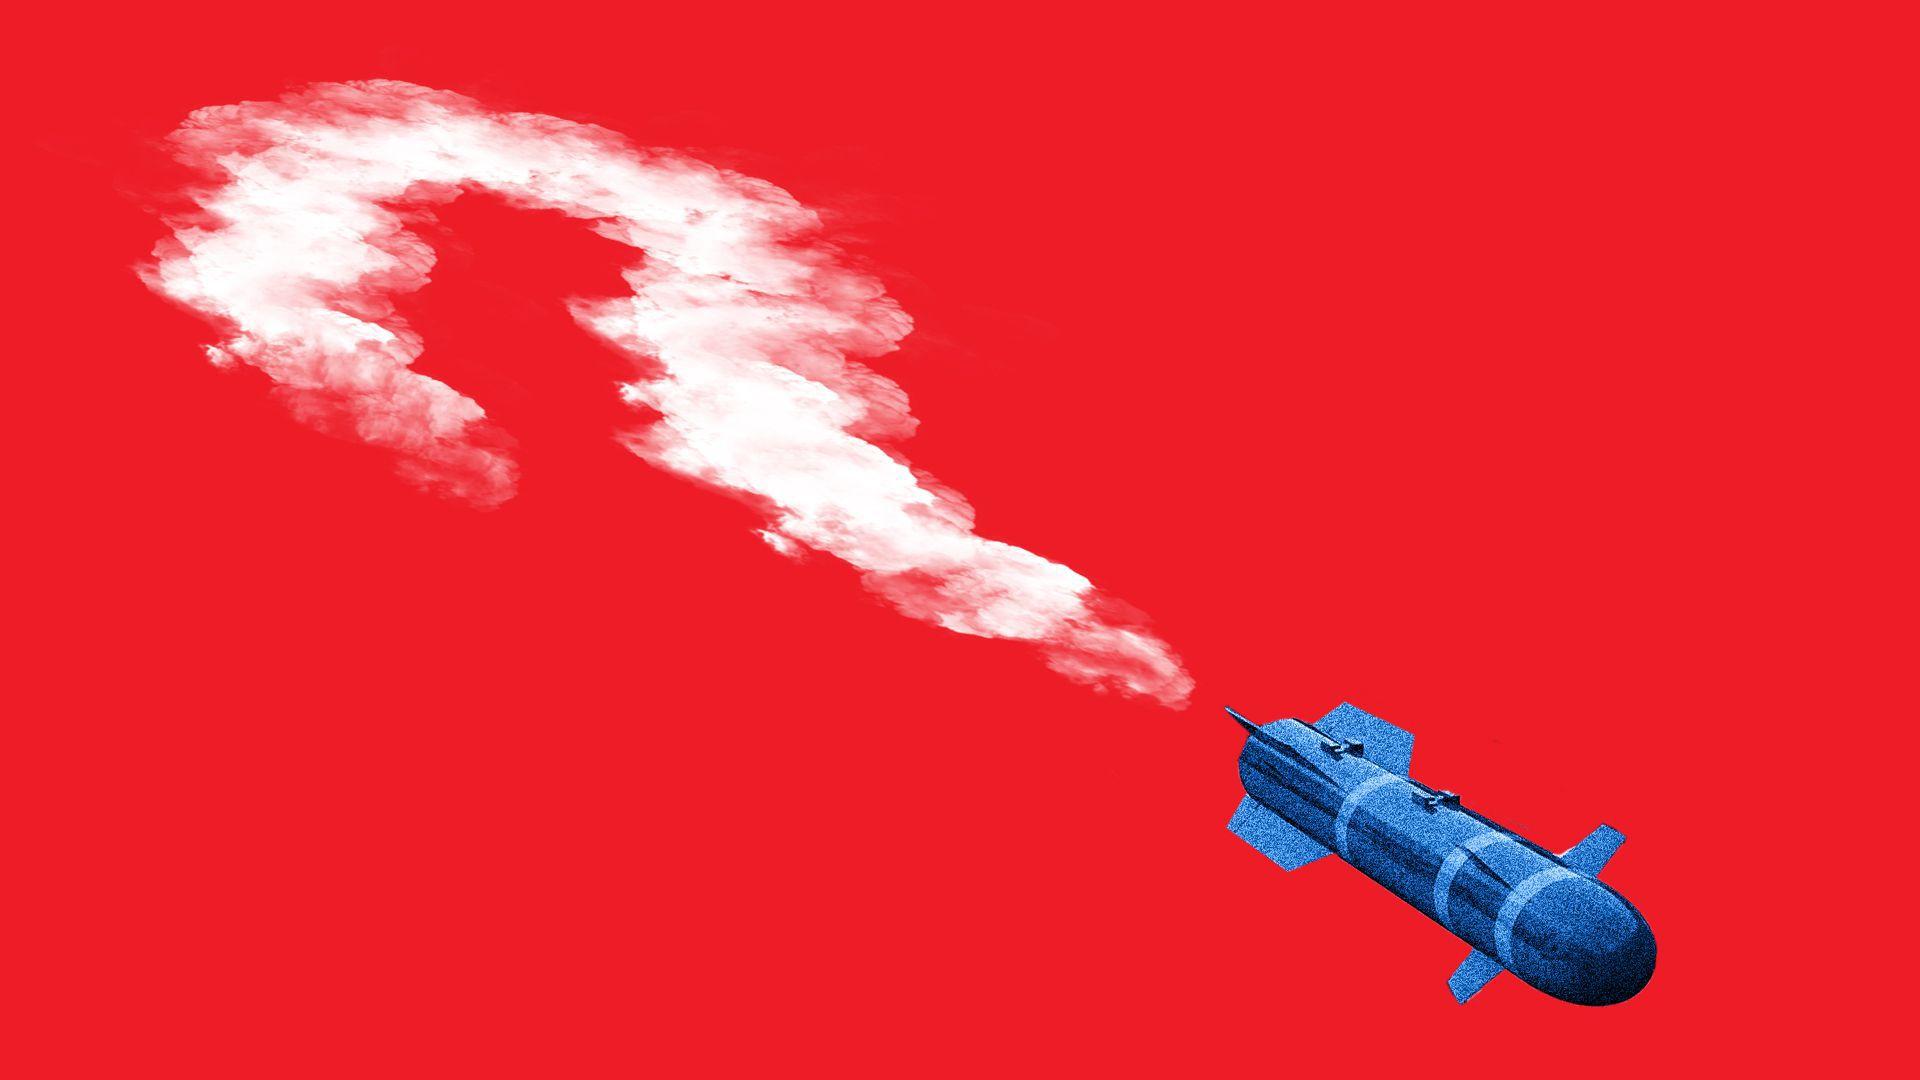 В мире увеличилось количество готового к применению ядерного оружия. Лидеры — США и Россия